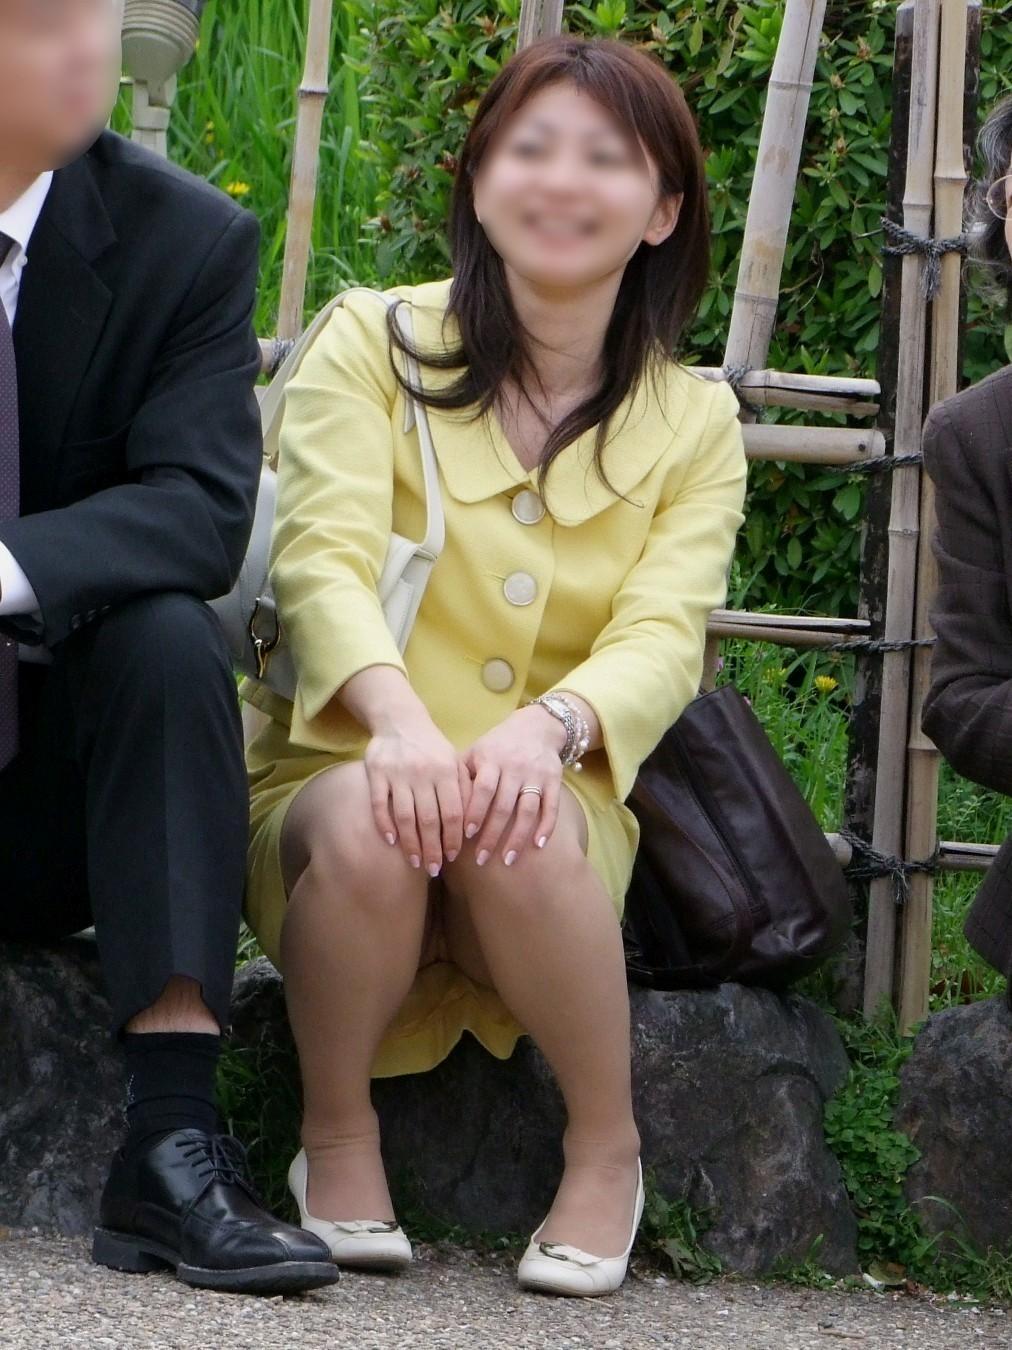 【パンチラエロ画像】地べた女子多数w花見のシーズンに期待の座りチラ女子www 27